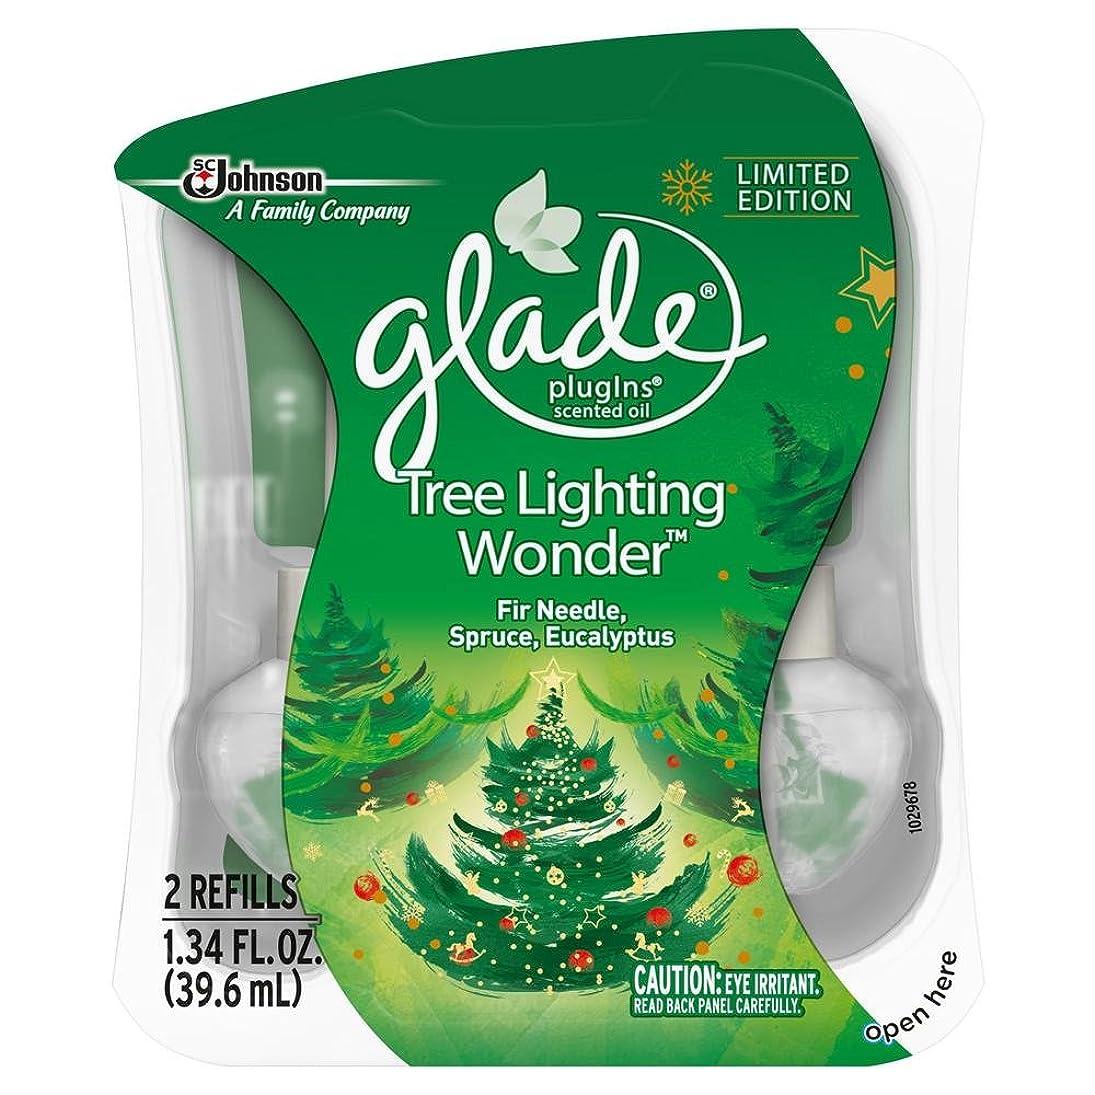 遊具上に築きます勃起【glade/グレード】 プラグインオイル 詰替え用リフィル(2個入り) ツリーライティングワンダー Glade Plugins Scented Oil Tree Lighting Wonder 2 refills 1.34oz(39.6ml) [並行輸入品]